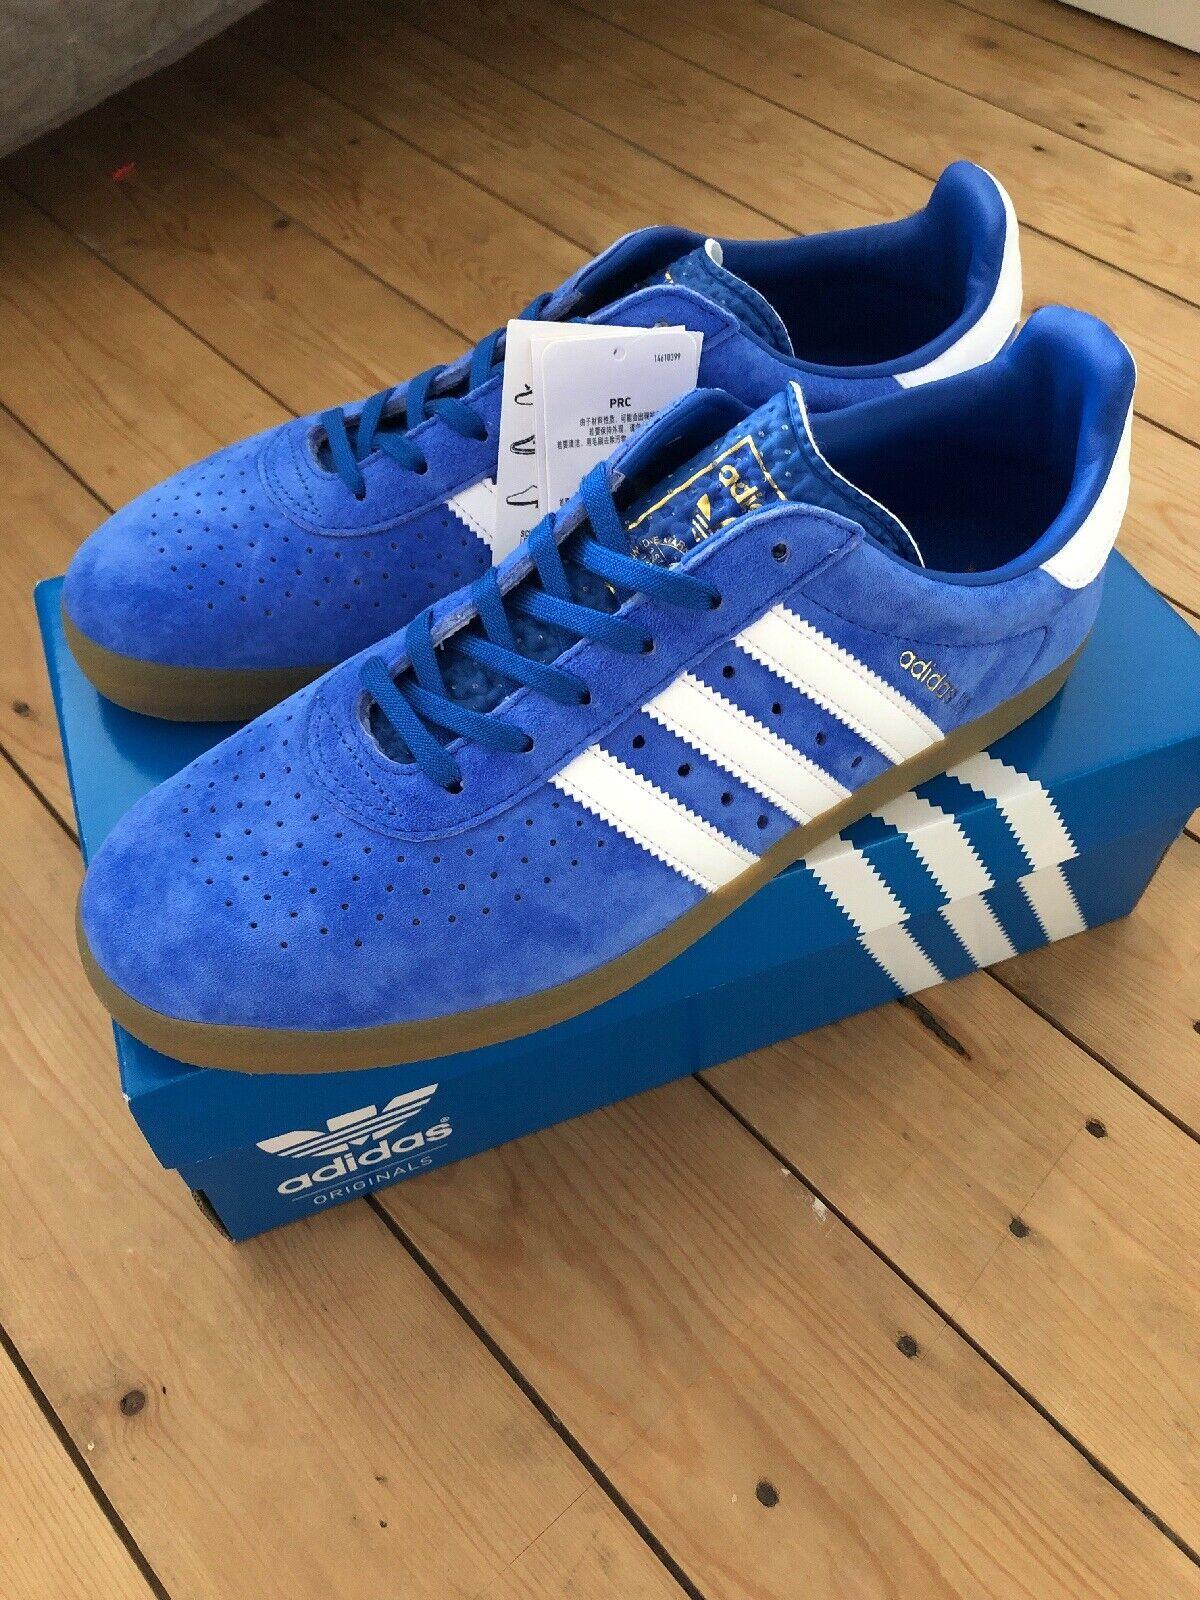 Adidas 350 shoes Originals UK9.5 9 1 2 BY1862 blueebird Suede White Gum Sole Og